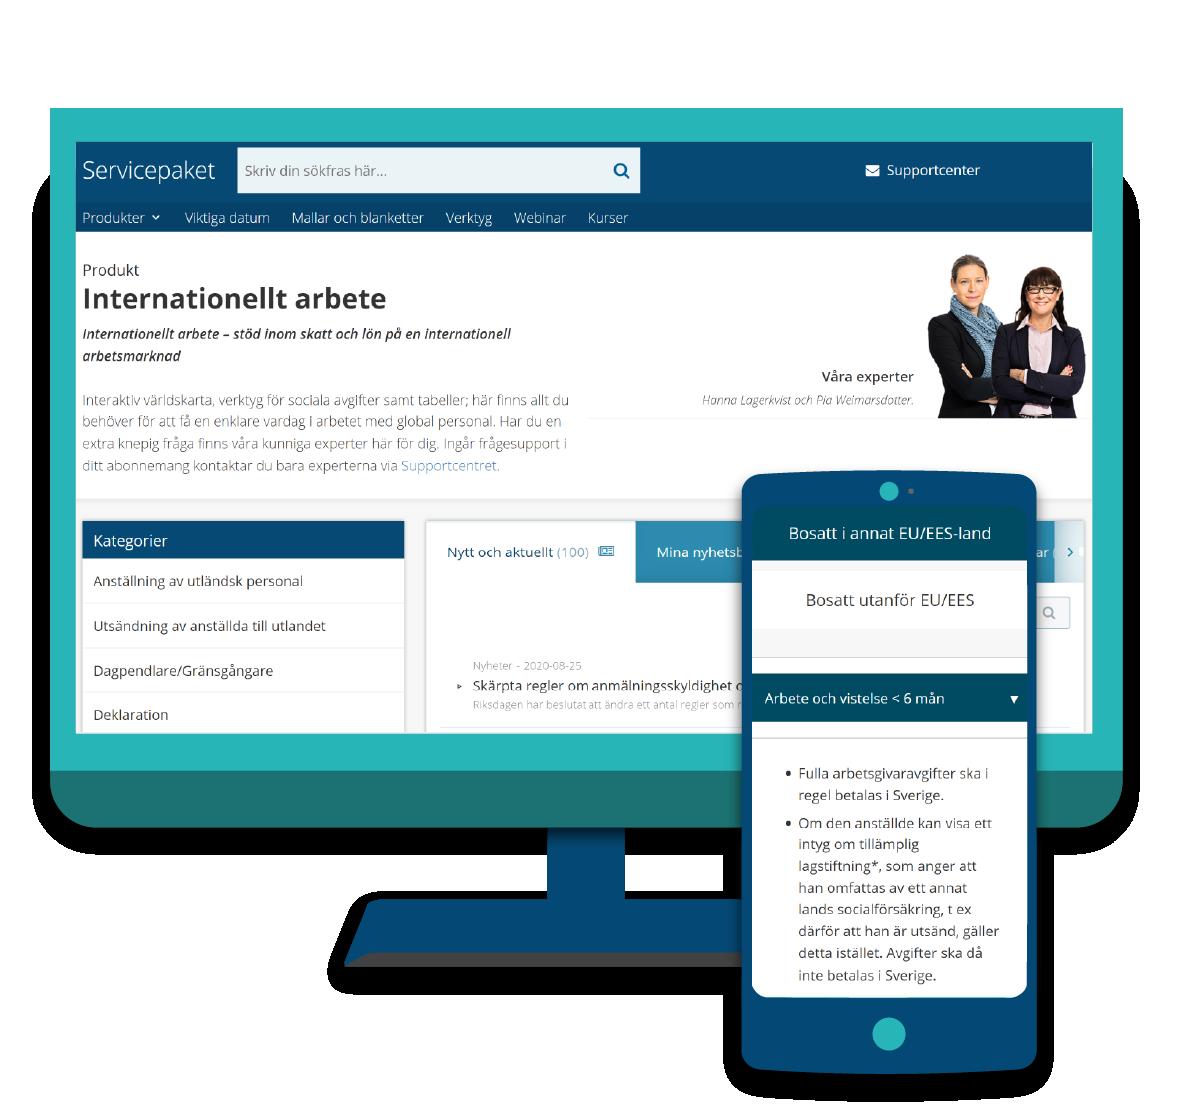 Servicepaket Internationellt arbete i dator och mobil